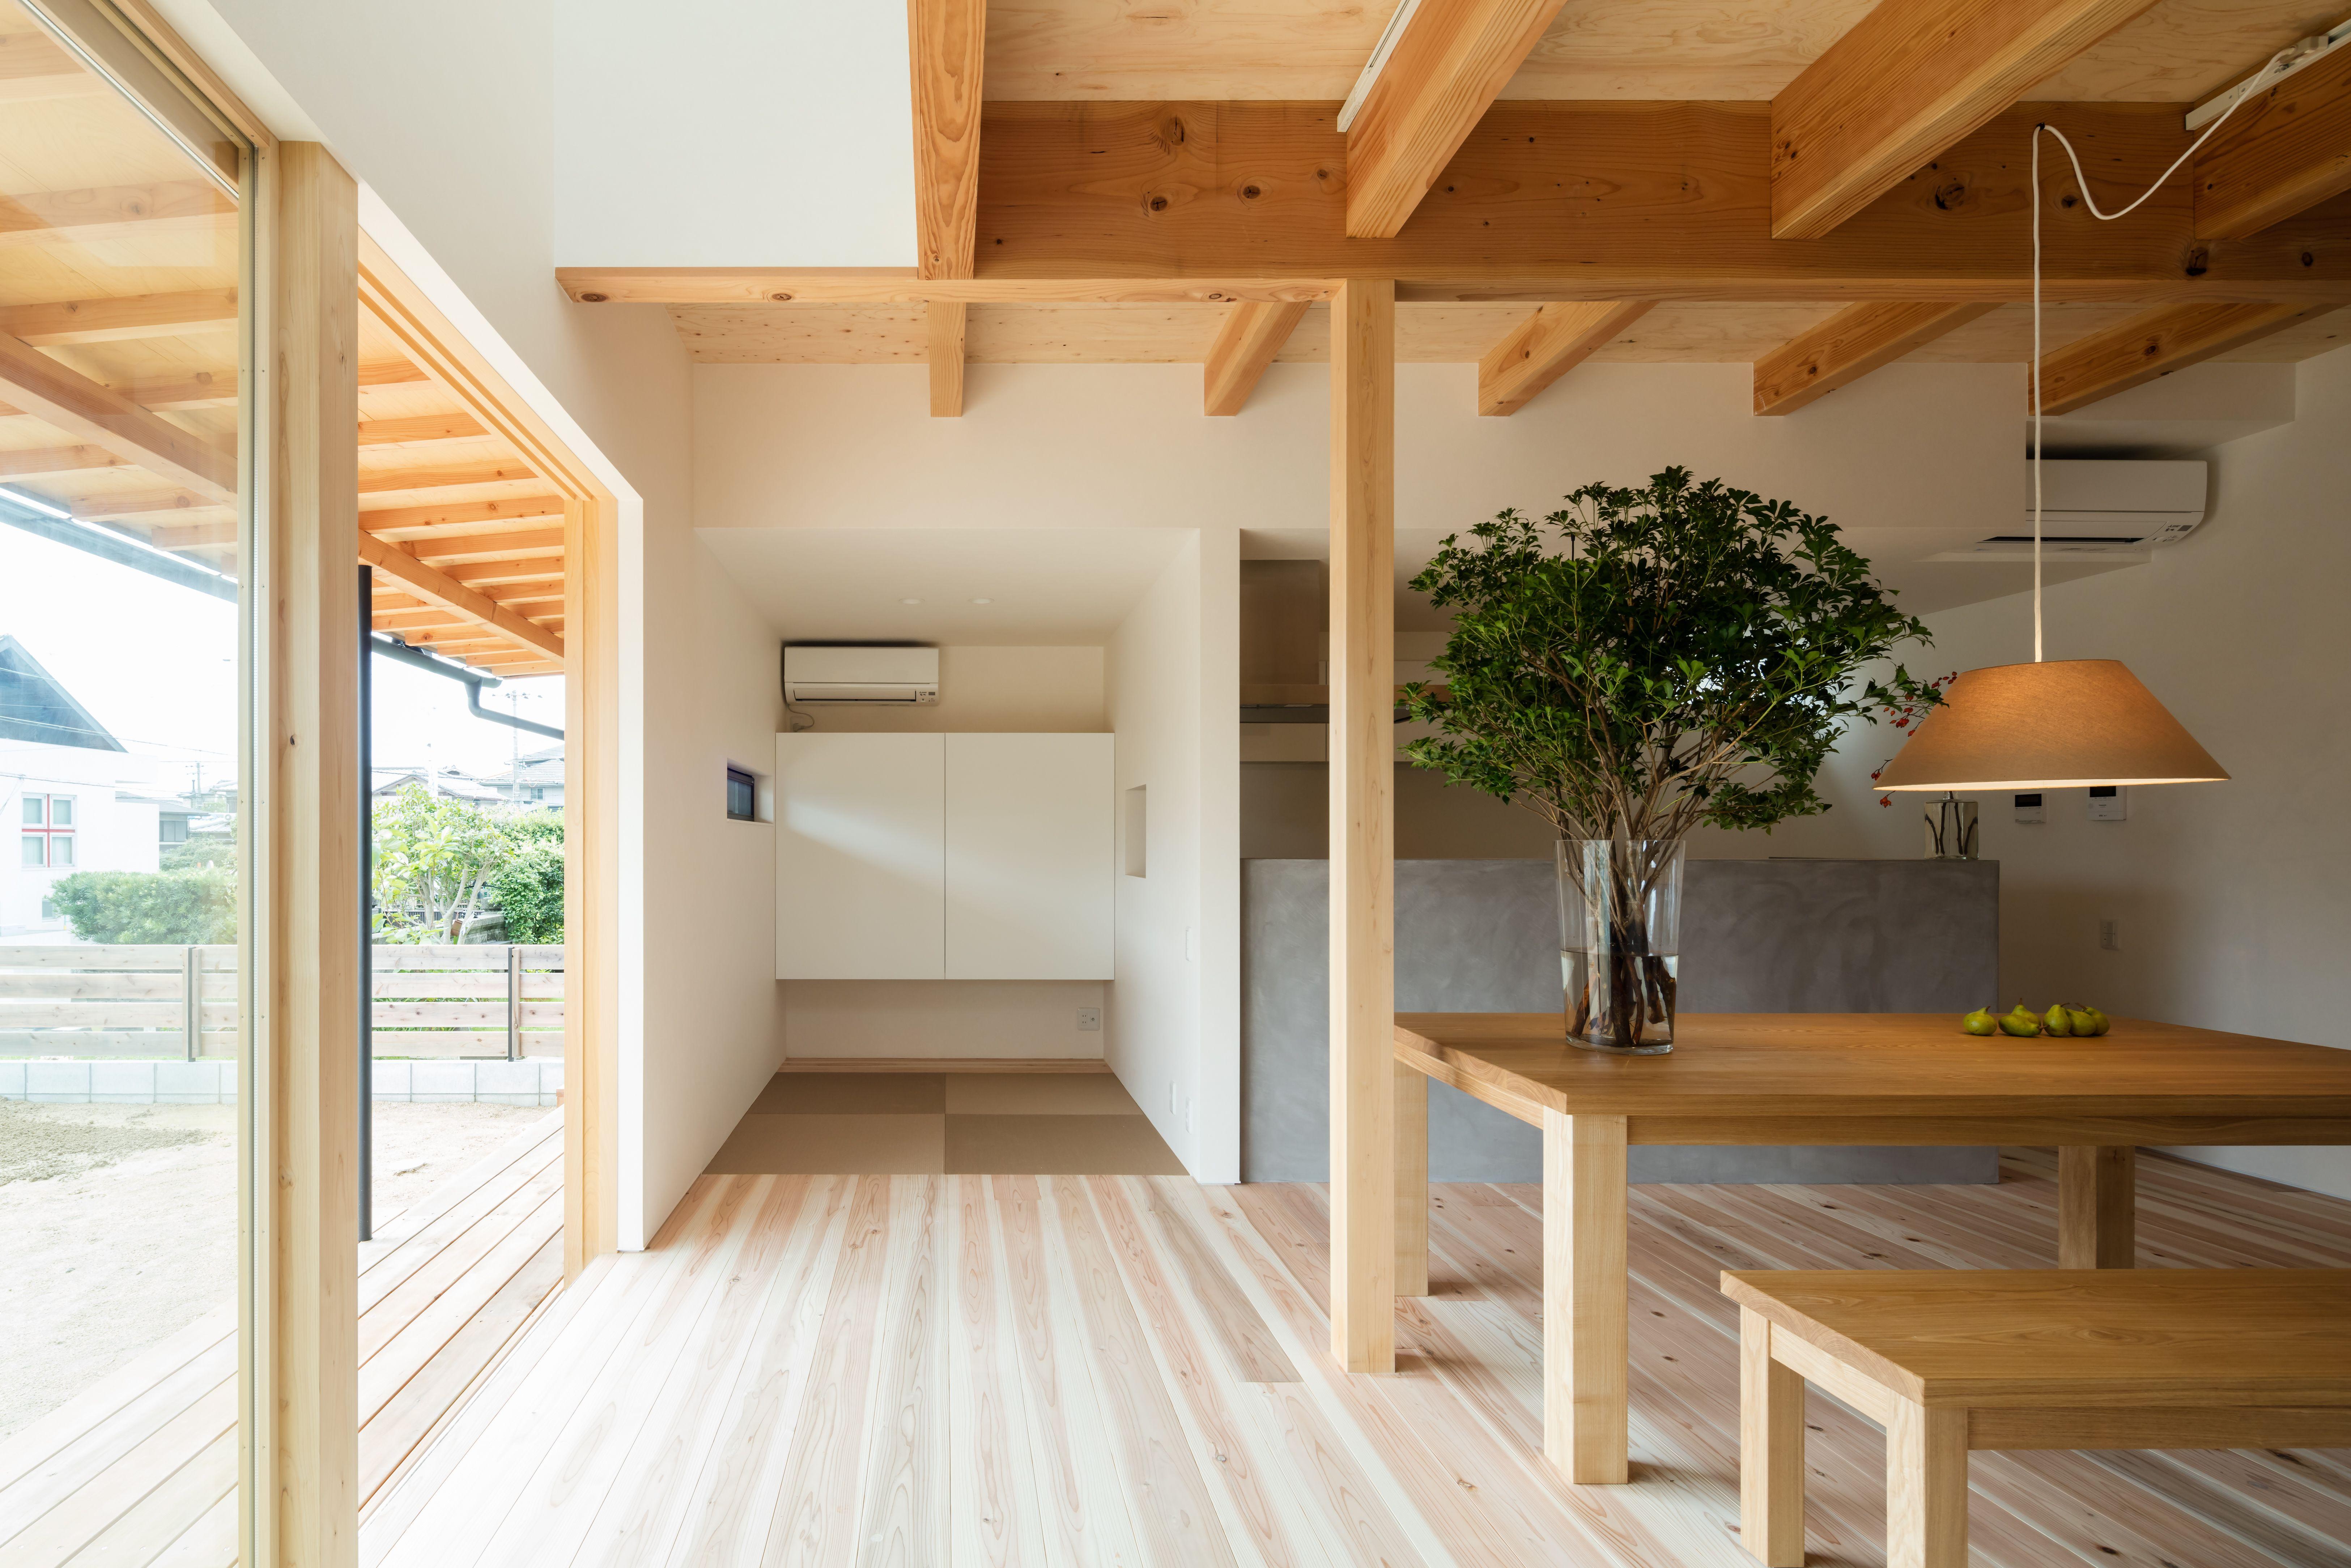 そこに タタミがあるから 和モダン空間の完成です 日本のモダンな家